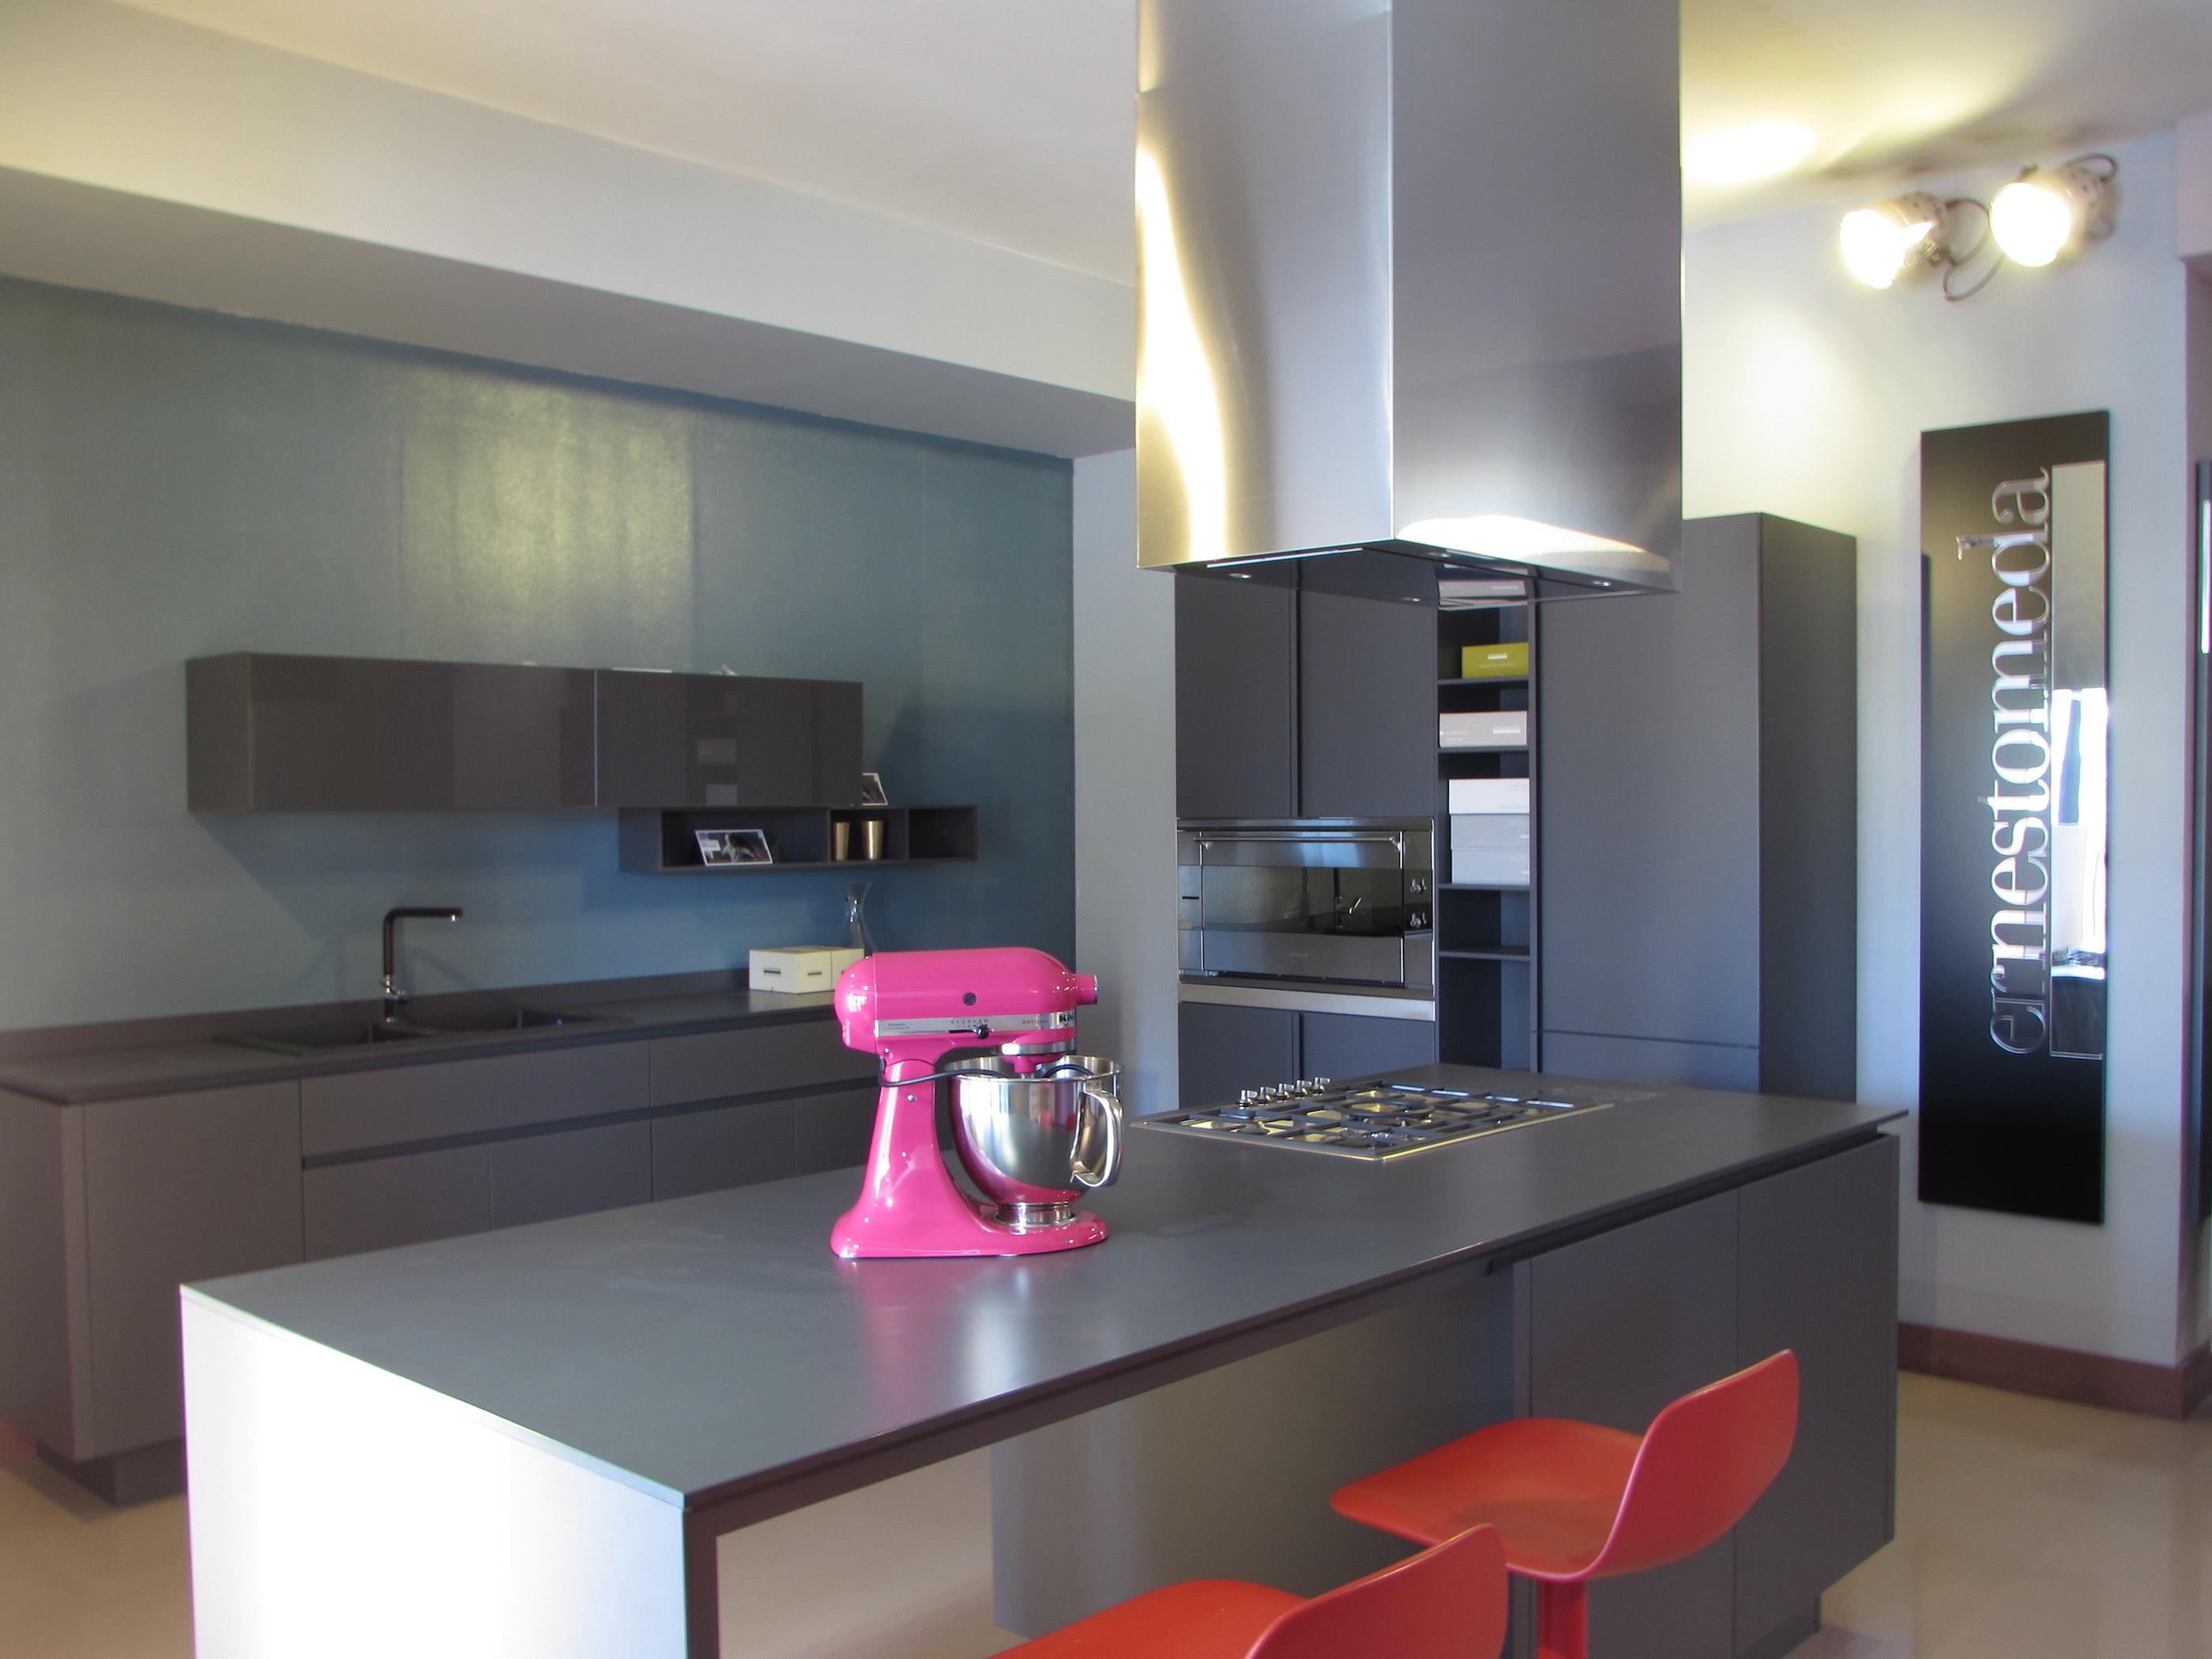 Cucine Moderne Ernestomeda. Camerette Con Letti A Ponte ...